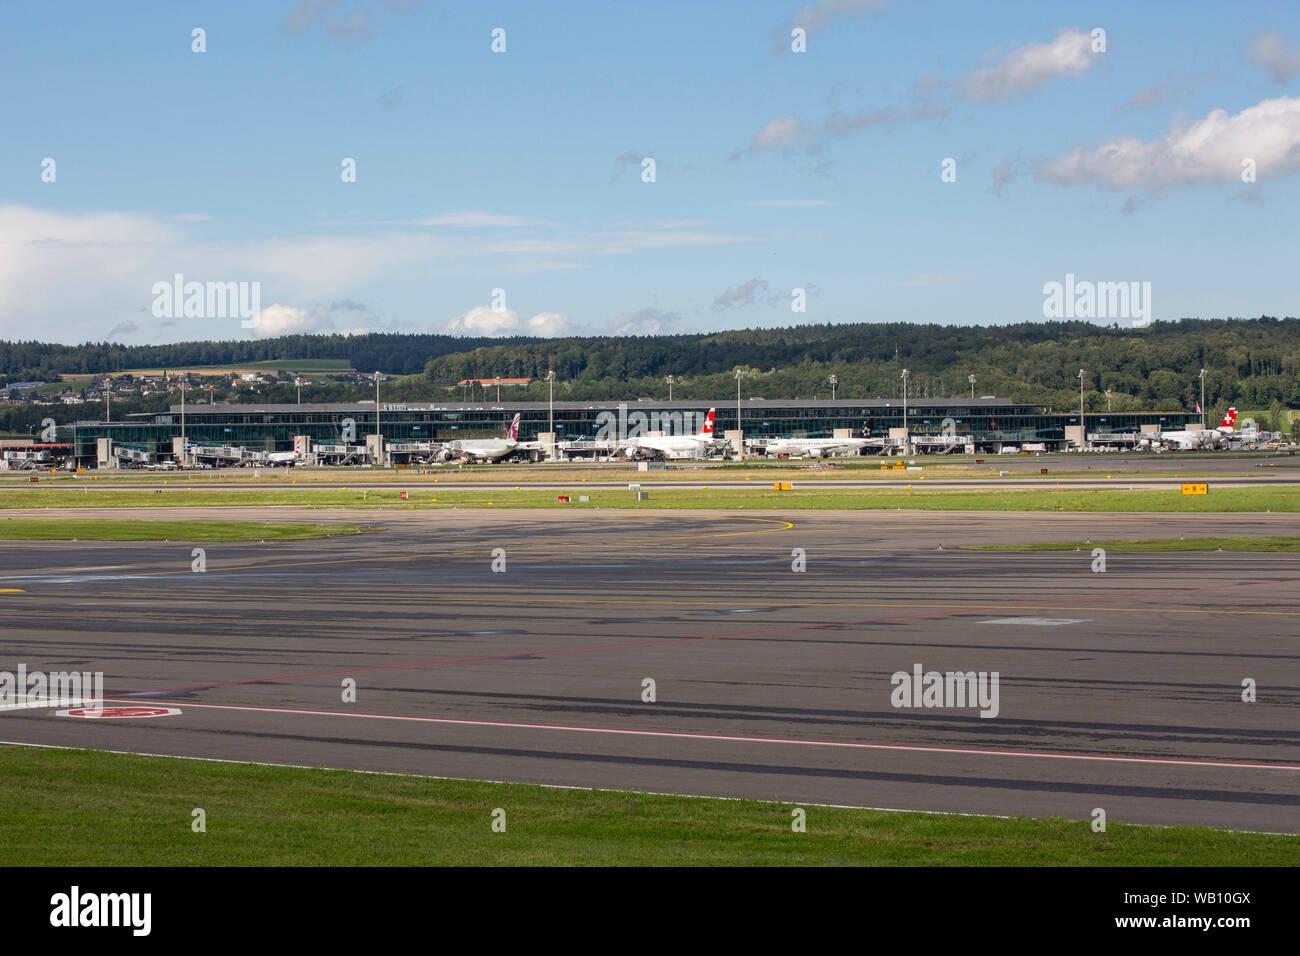 Flughafen-Vorfeld am Flughafen Zürich (ZRH). 15.08.2019 Stock Photo